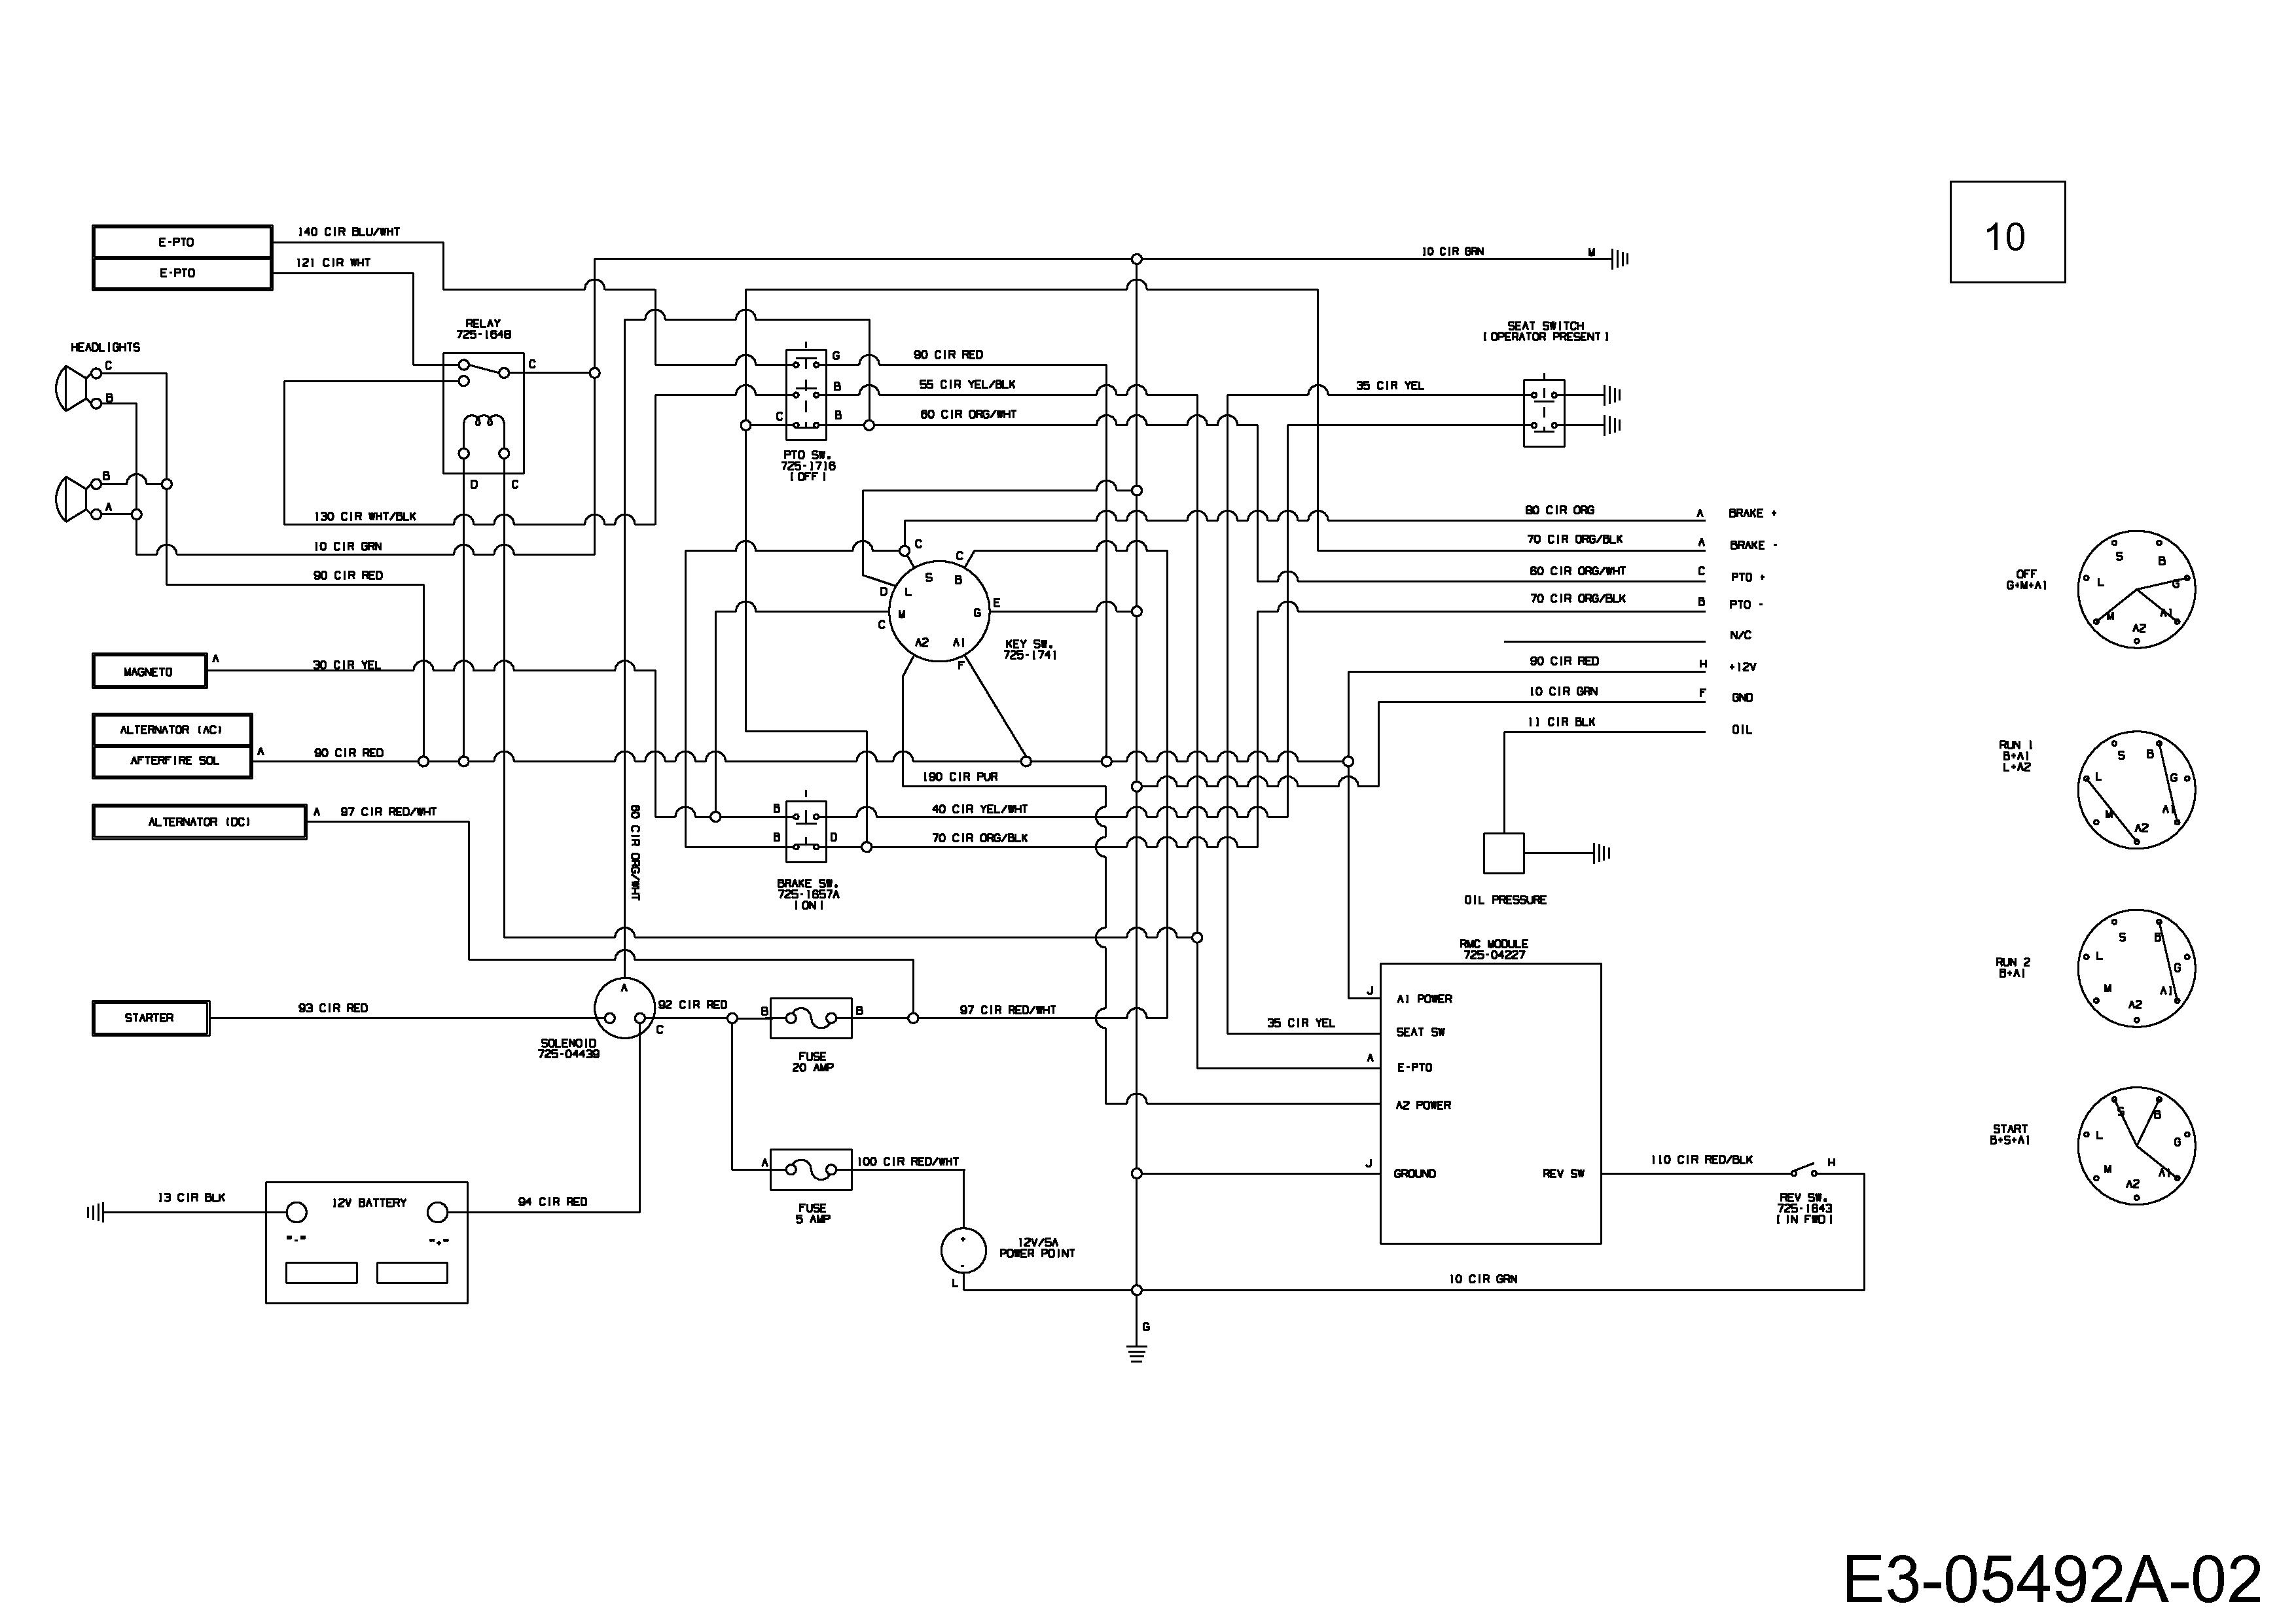 Gemütlich Bassverstärker Schaltplan Bilder - Elektrische Schaltplan ...